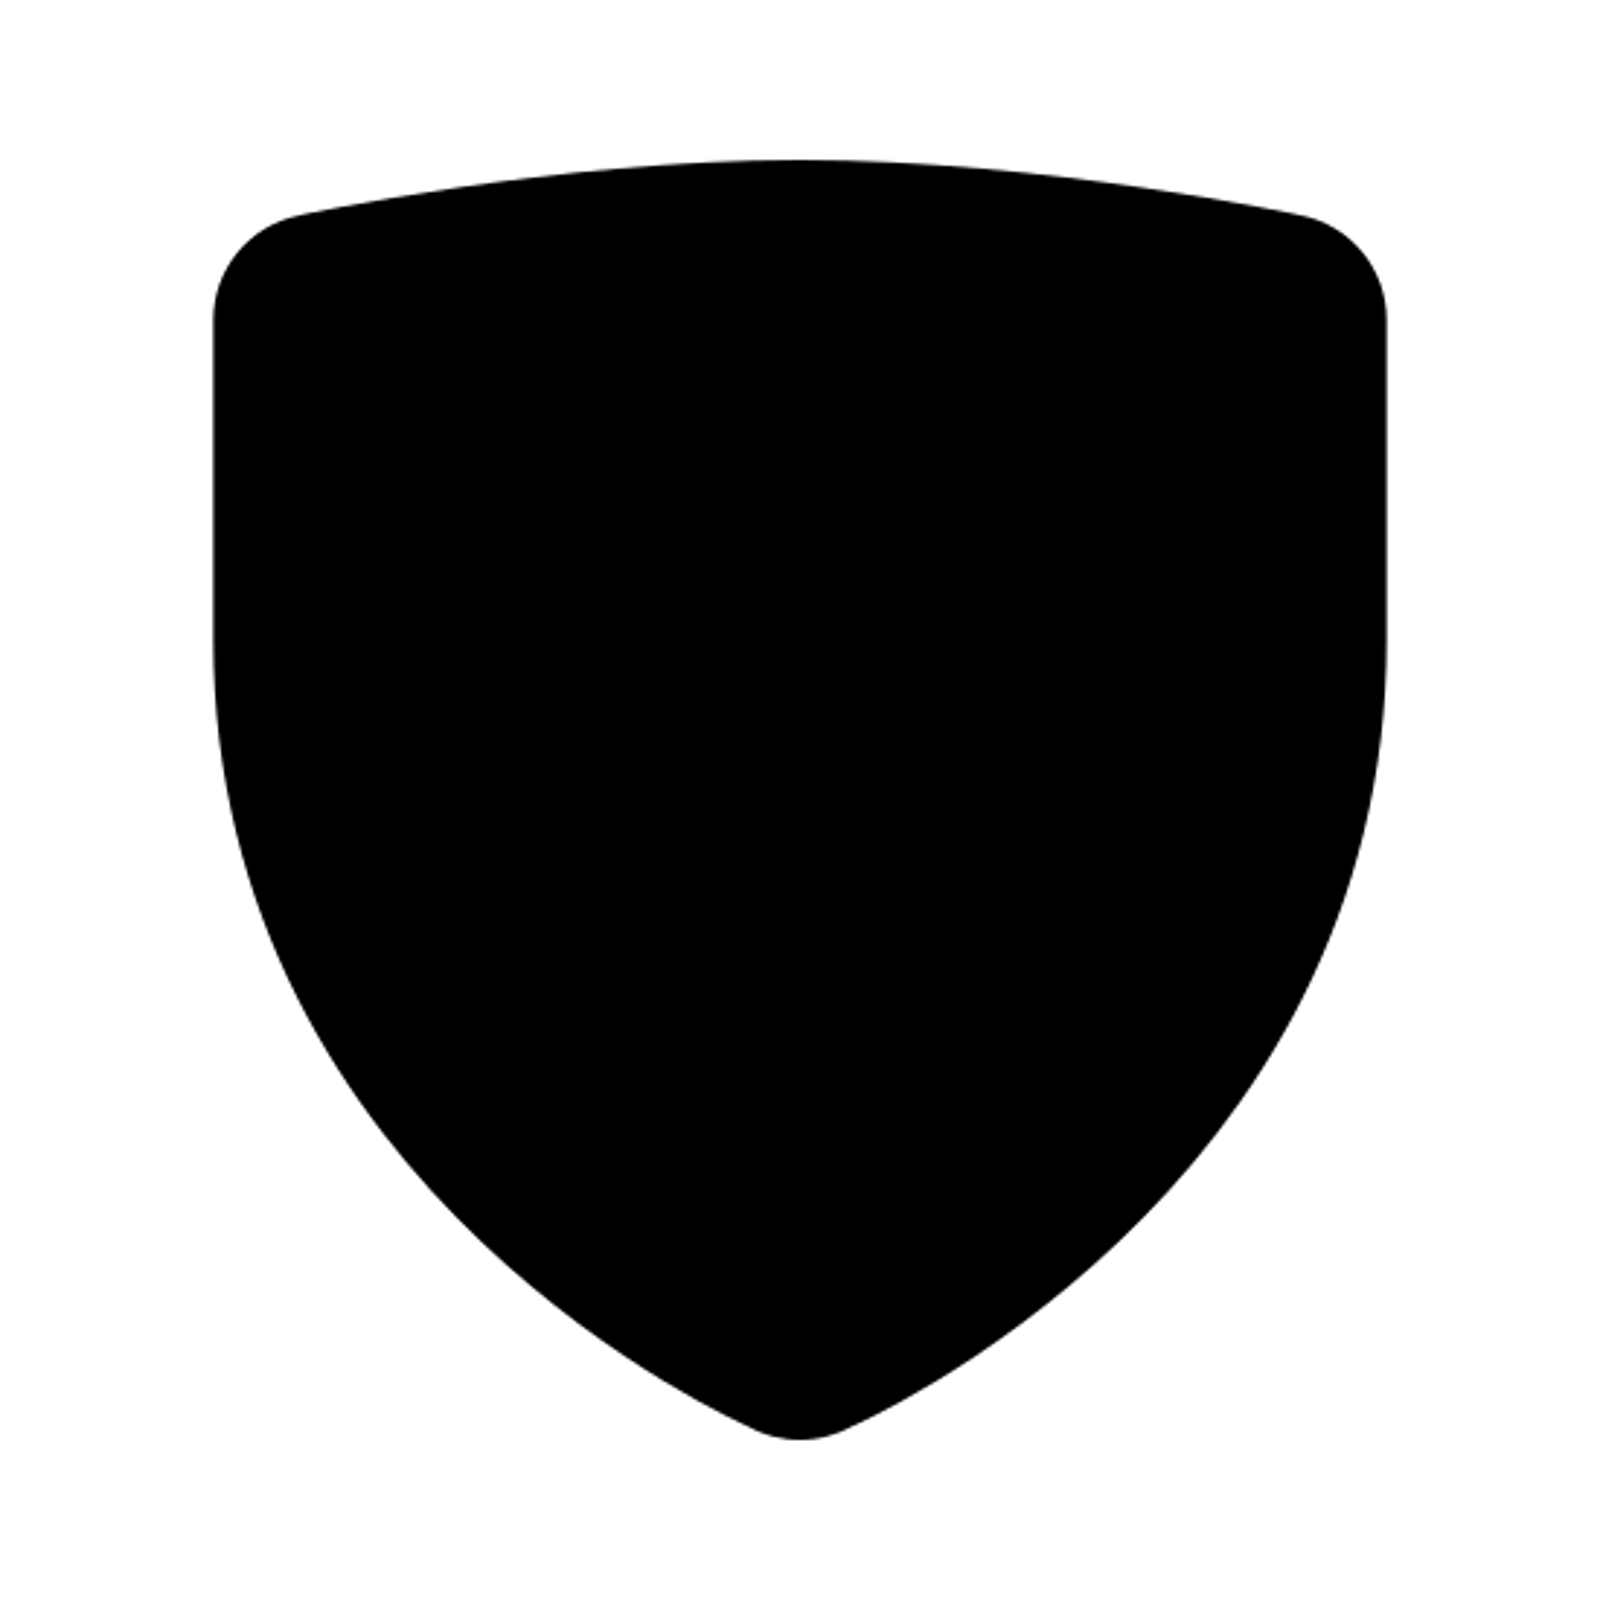 Bouclier icon